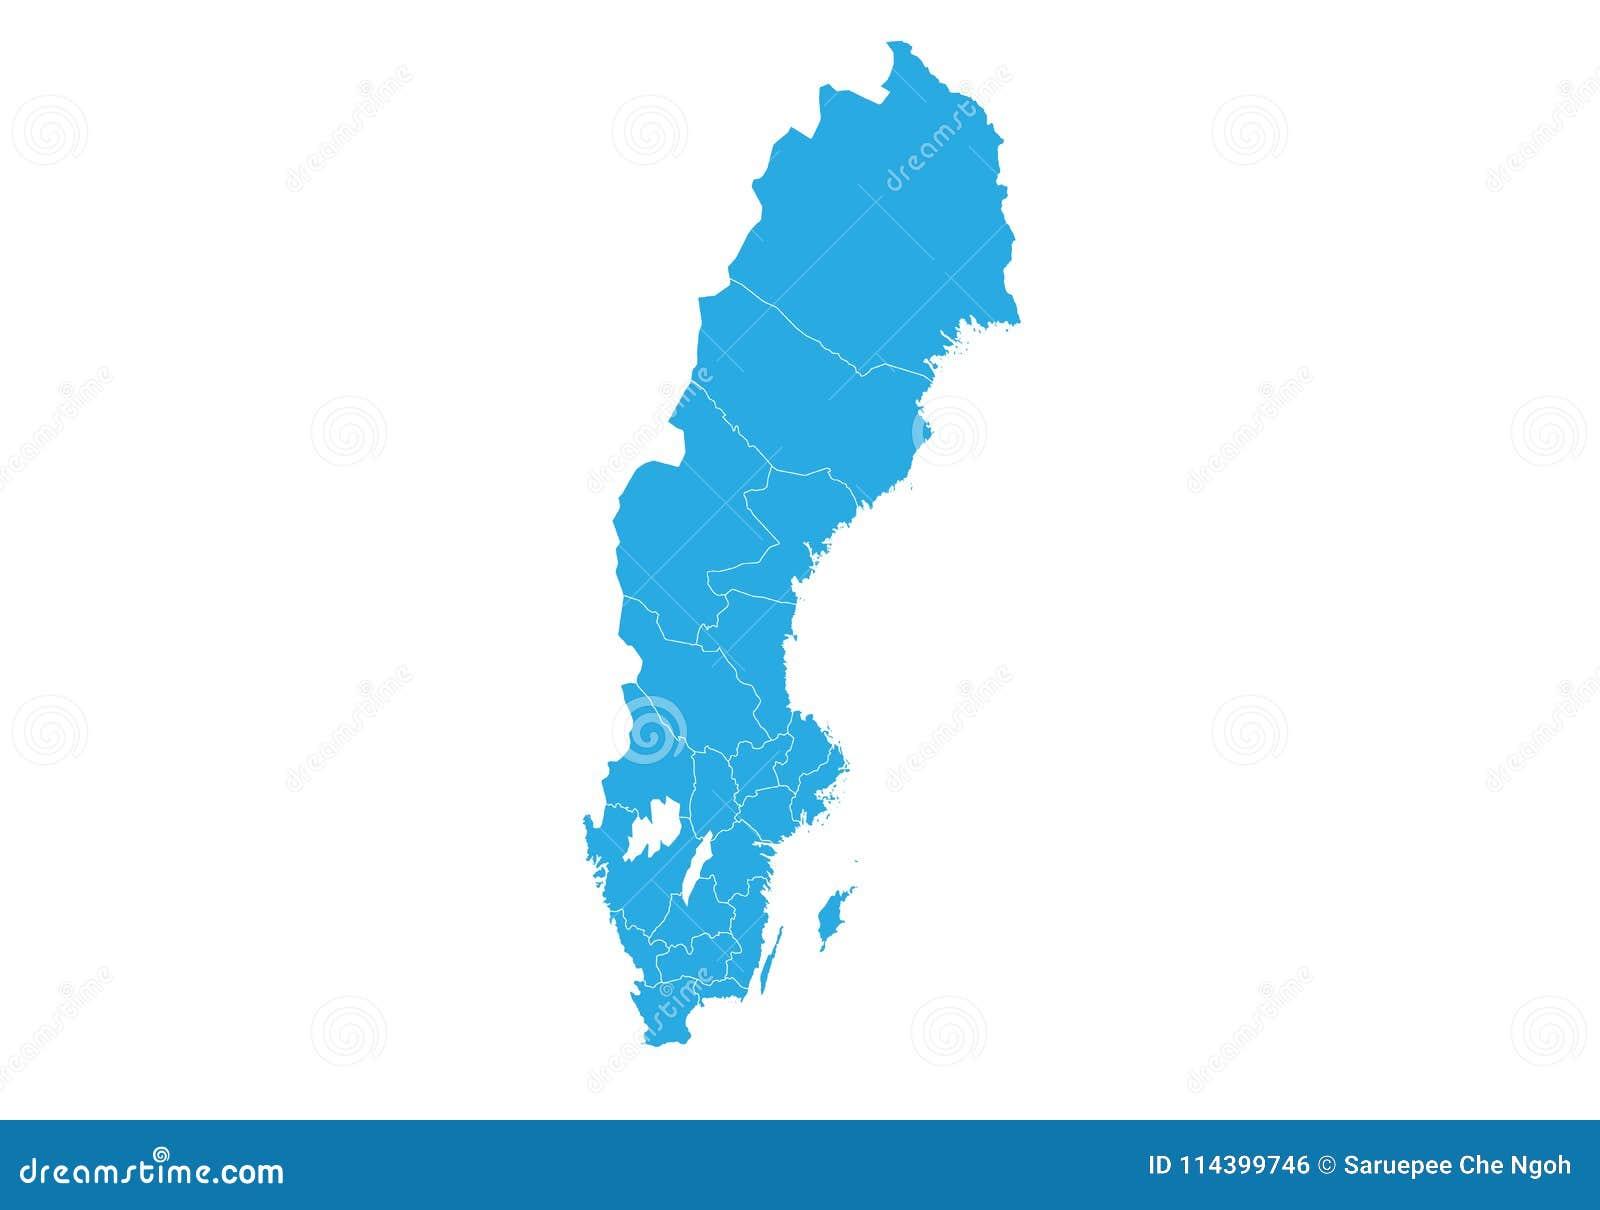 Mapa Szwecji Wysokosc Wyszczegolniajaca Wektorowa Mapa Sweden